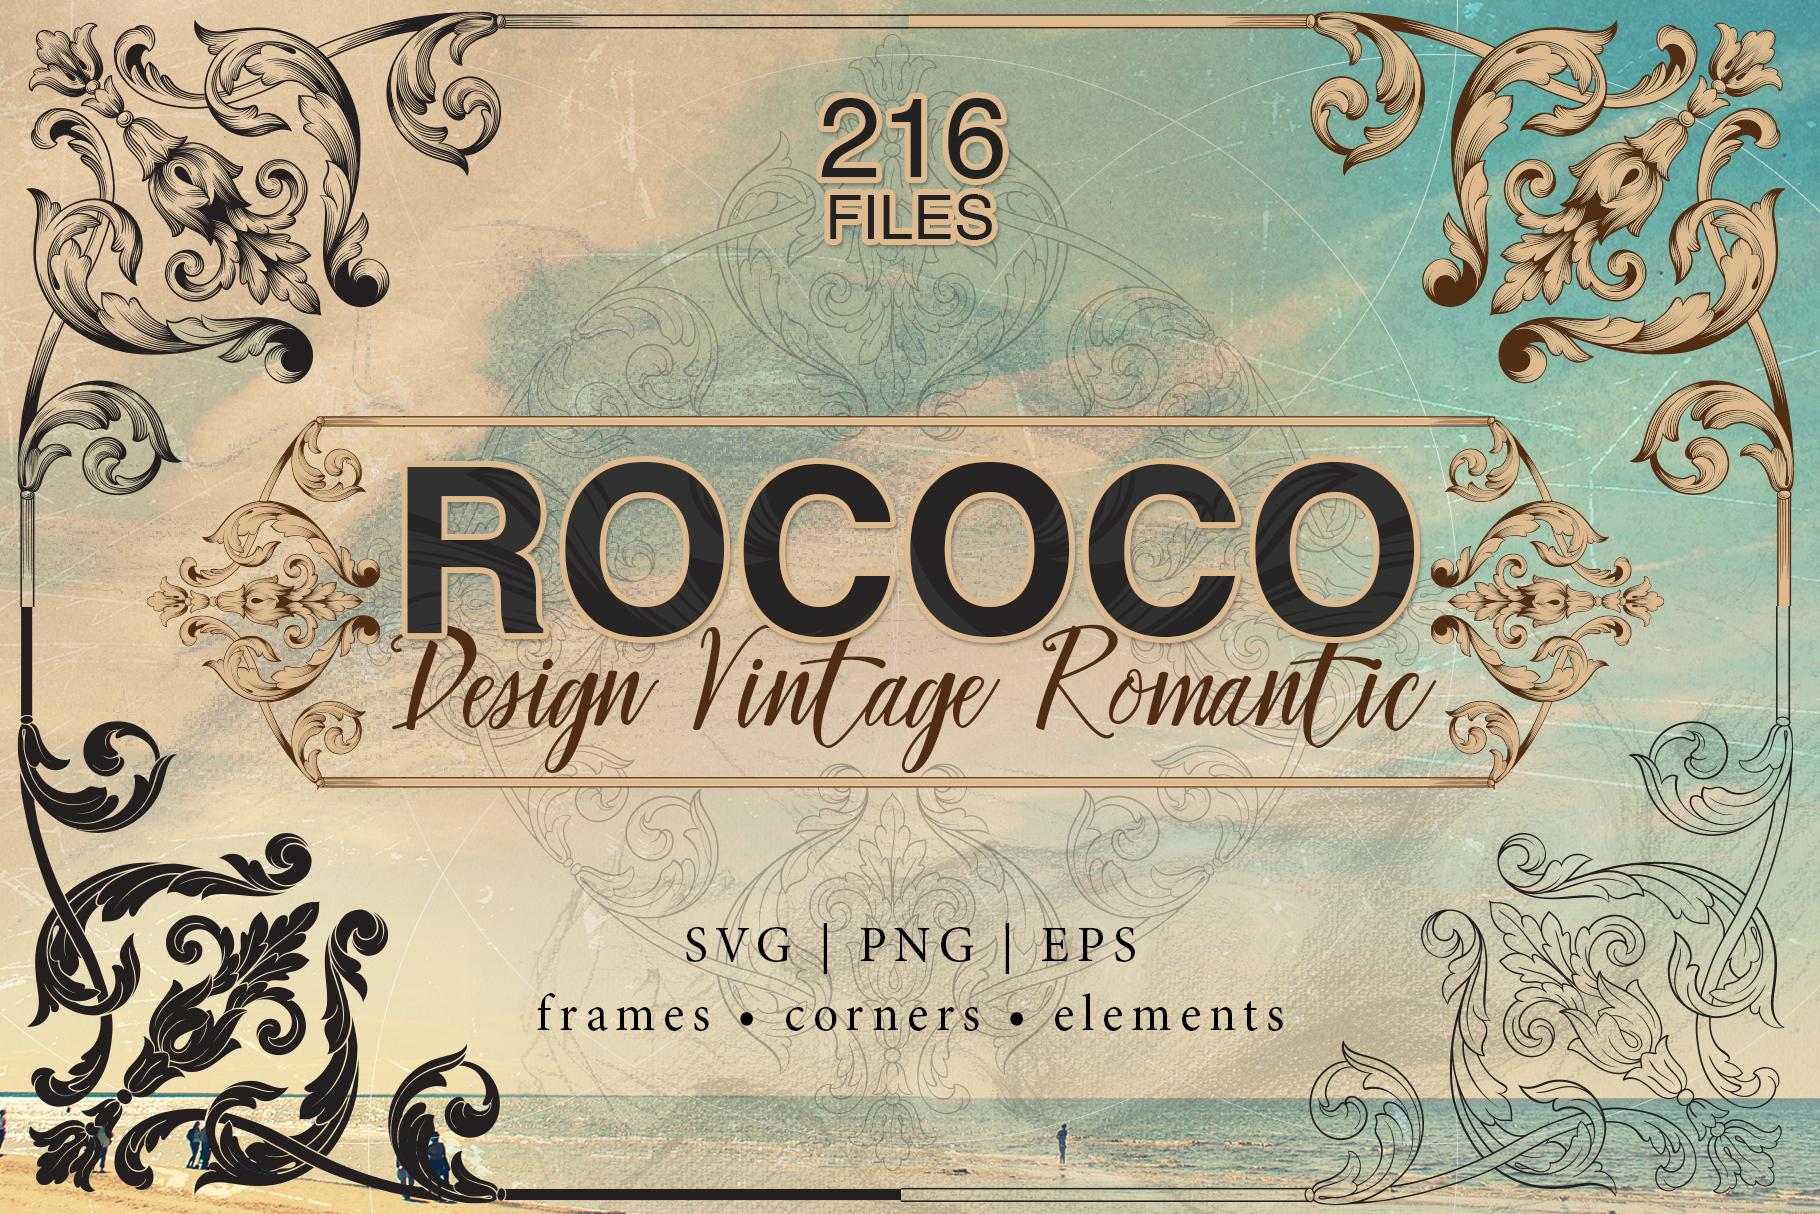 Rococo Romance Ornament page decor example image 1